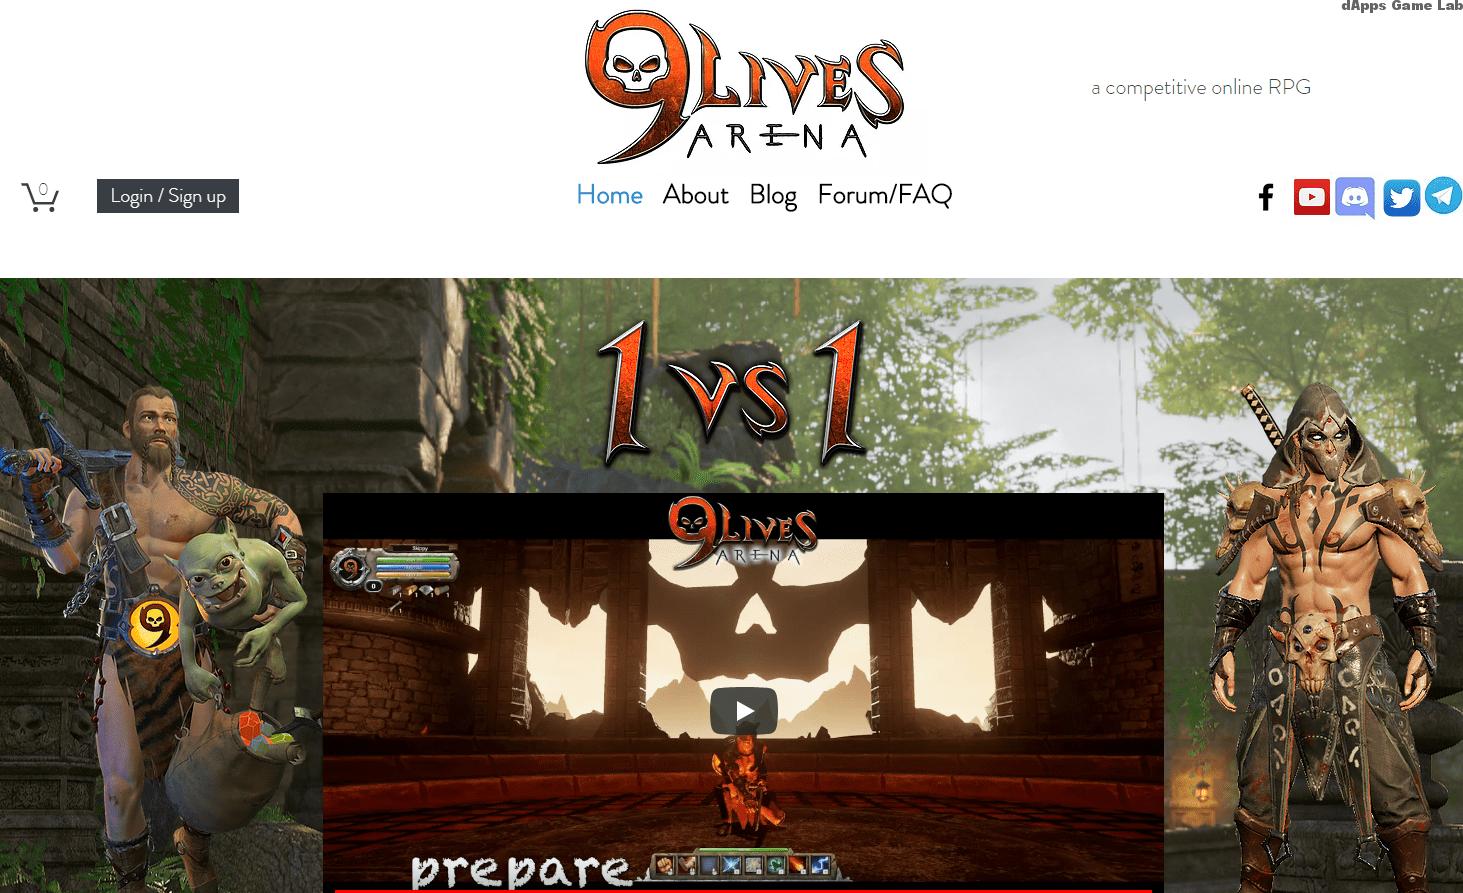 9Lives Arena-3